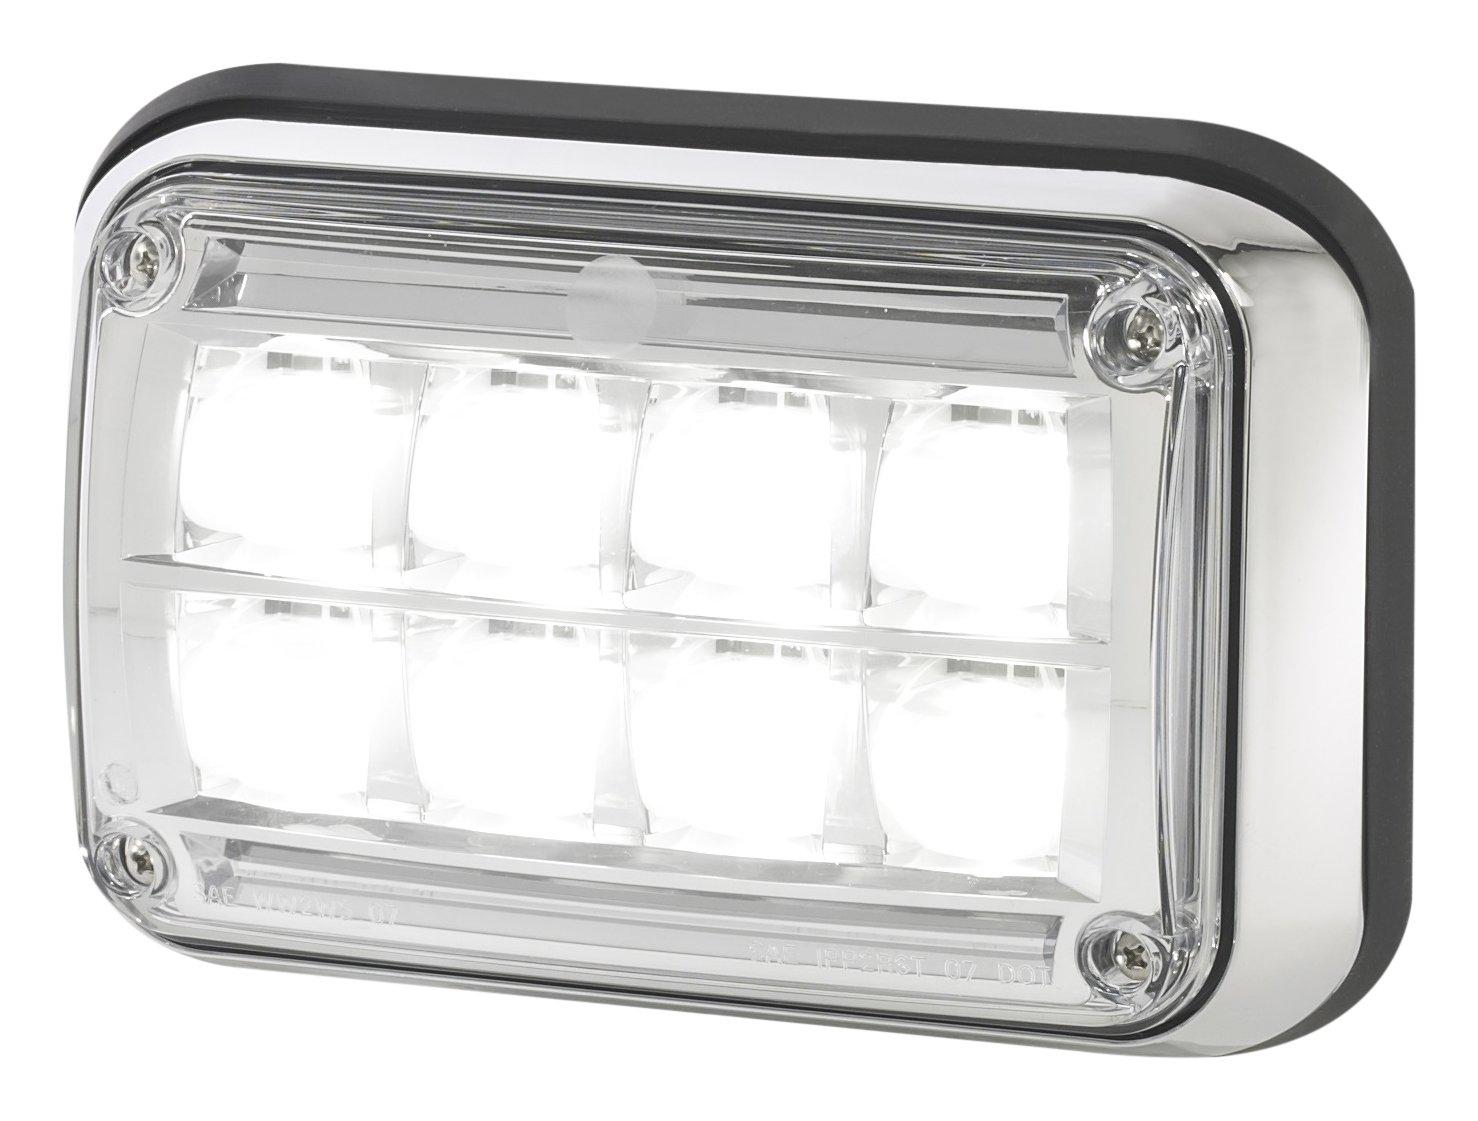 Federal Signal 64LEDSCENE 6 x 4 LED Scene Light Chrome